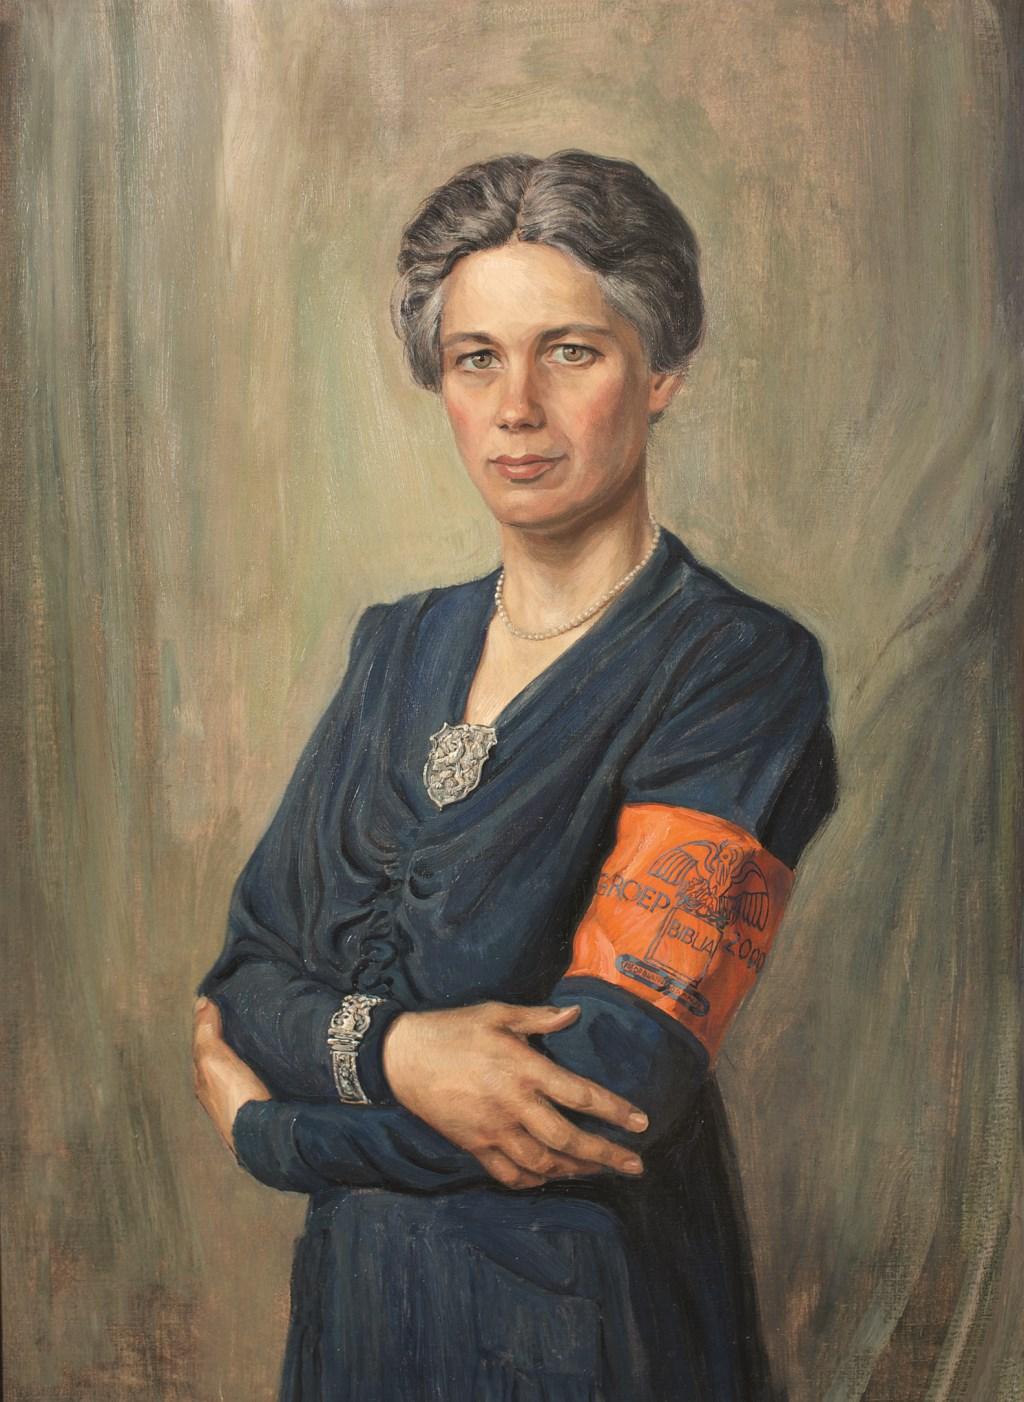 Jacoba van Tongeren was een sterke vrouw uit de Tweede Wereldoorlog die, met een onvoorstelbare moed en uithoudingsvermogen, een vitale rol speelde in het Amsterdamse verzet.